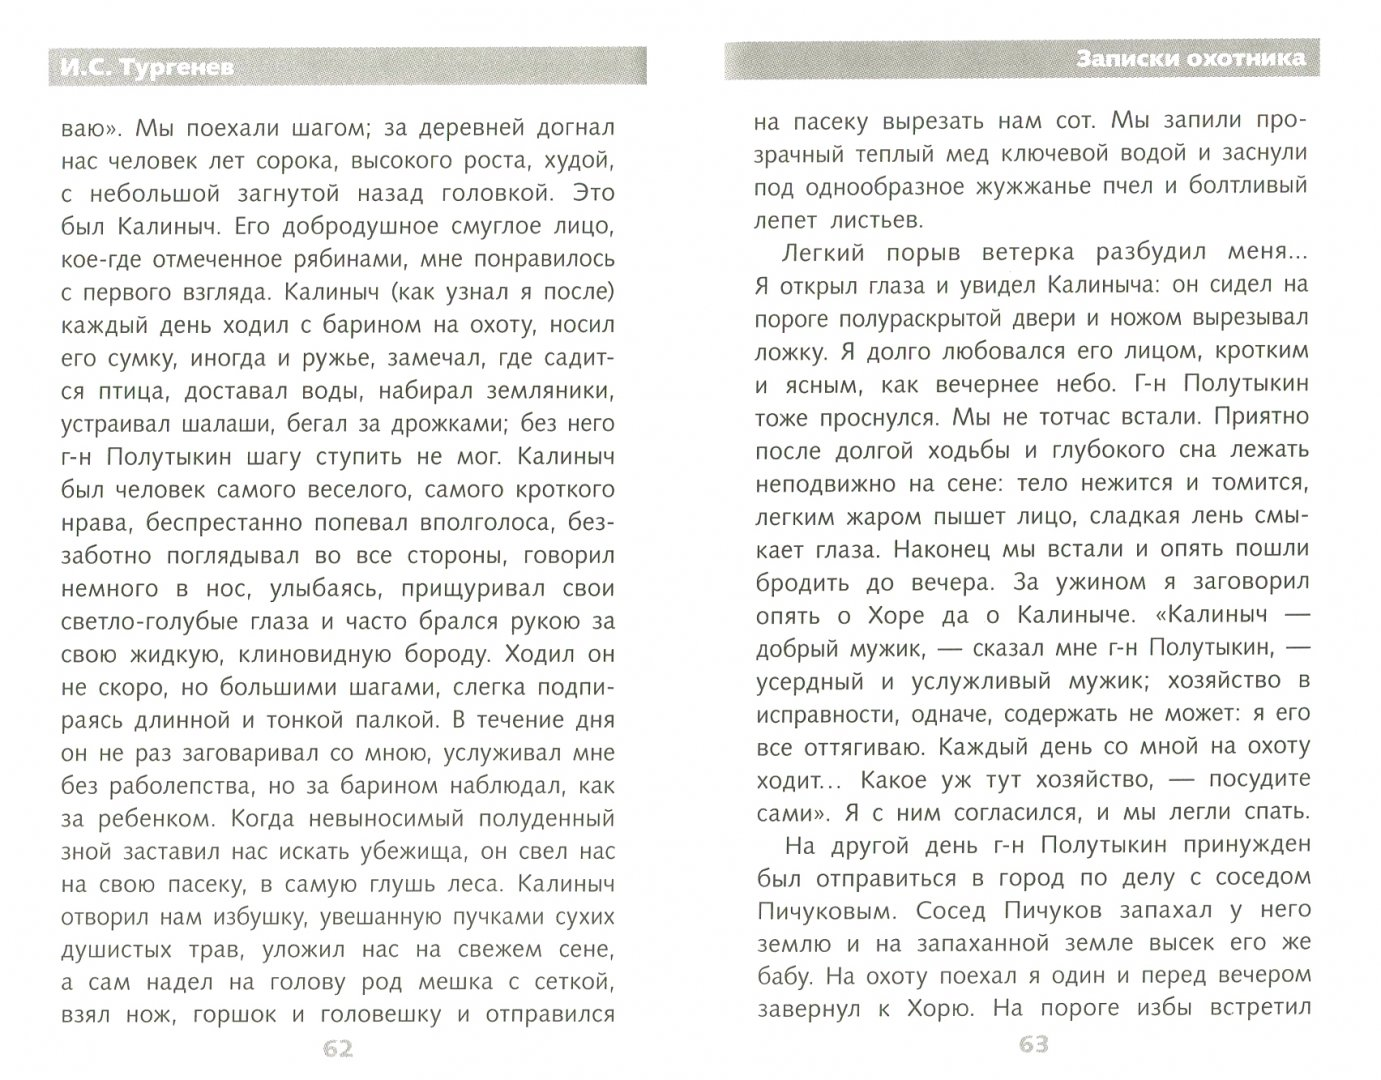 Иллюстрация 1 из 10 для Муму. Записки охотника - Иван Тургенев | Лабиринт - книги. Источник: Лабиринт